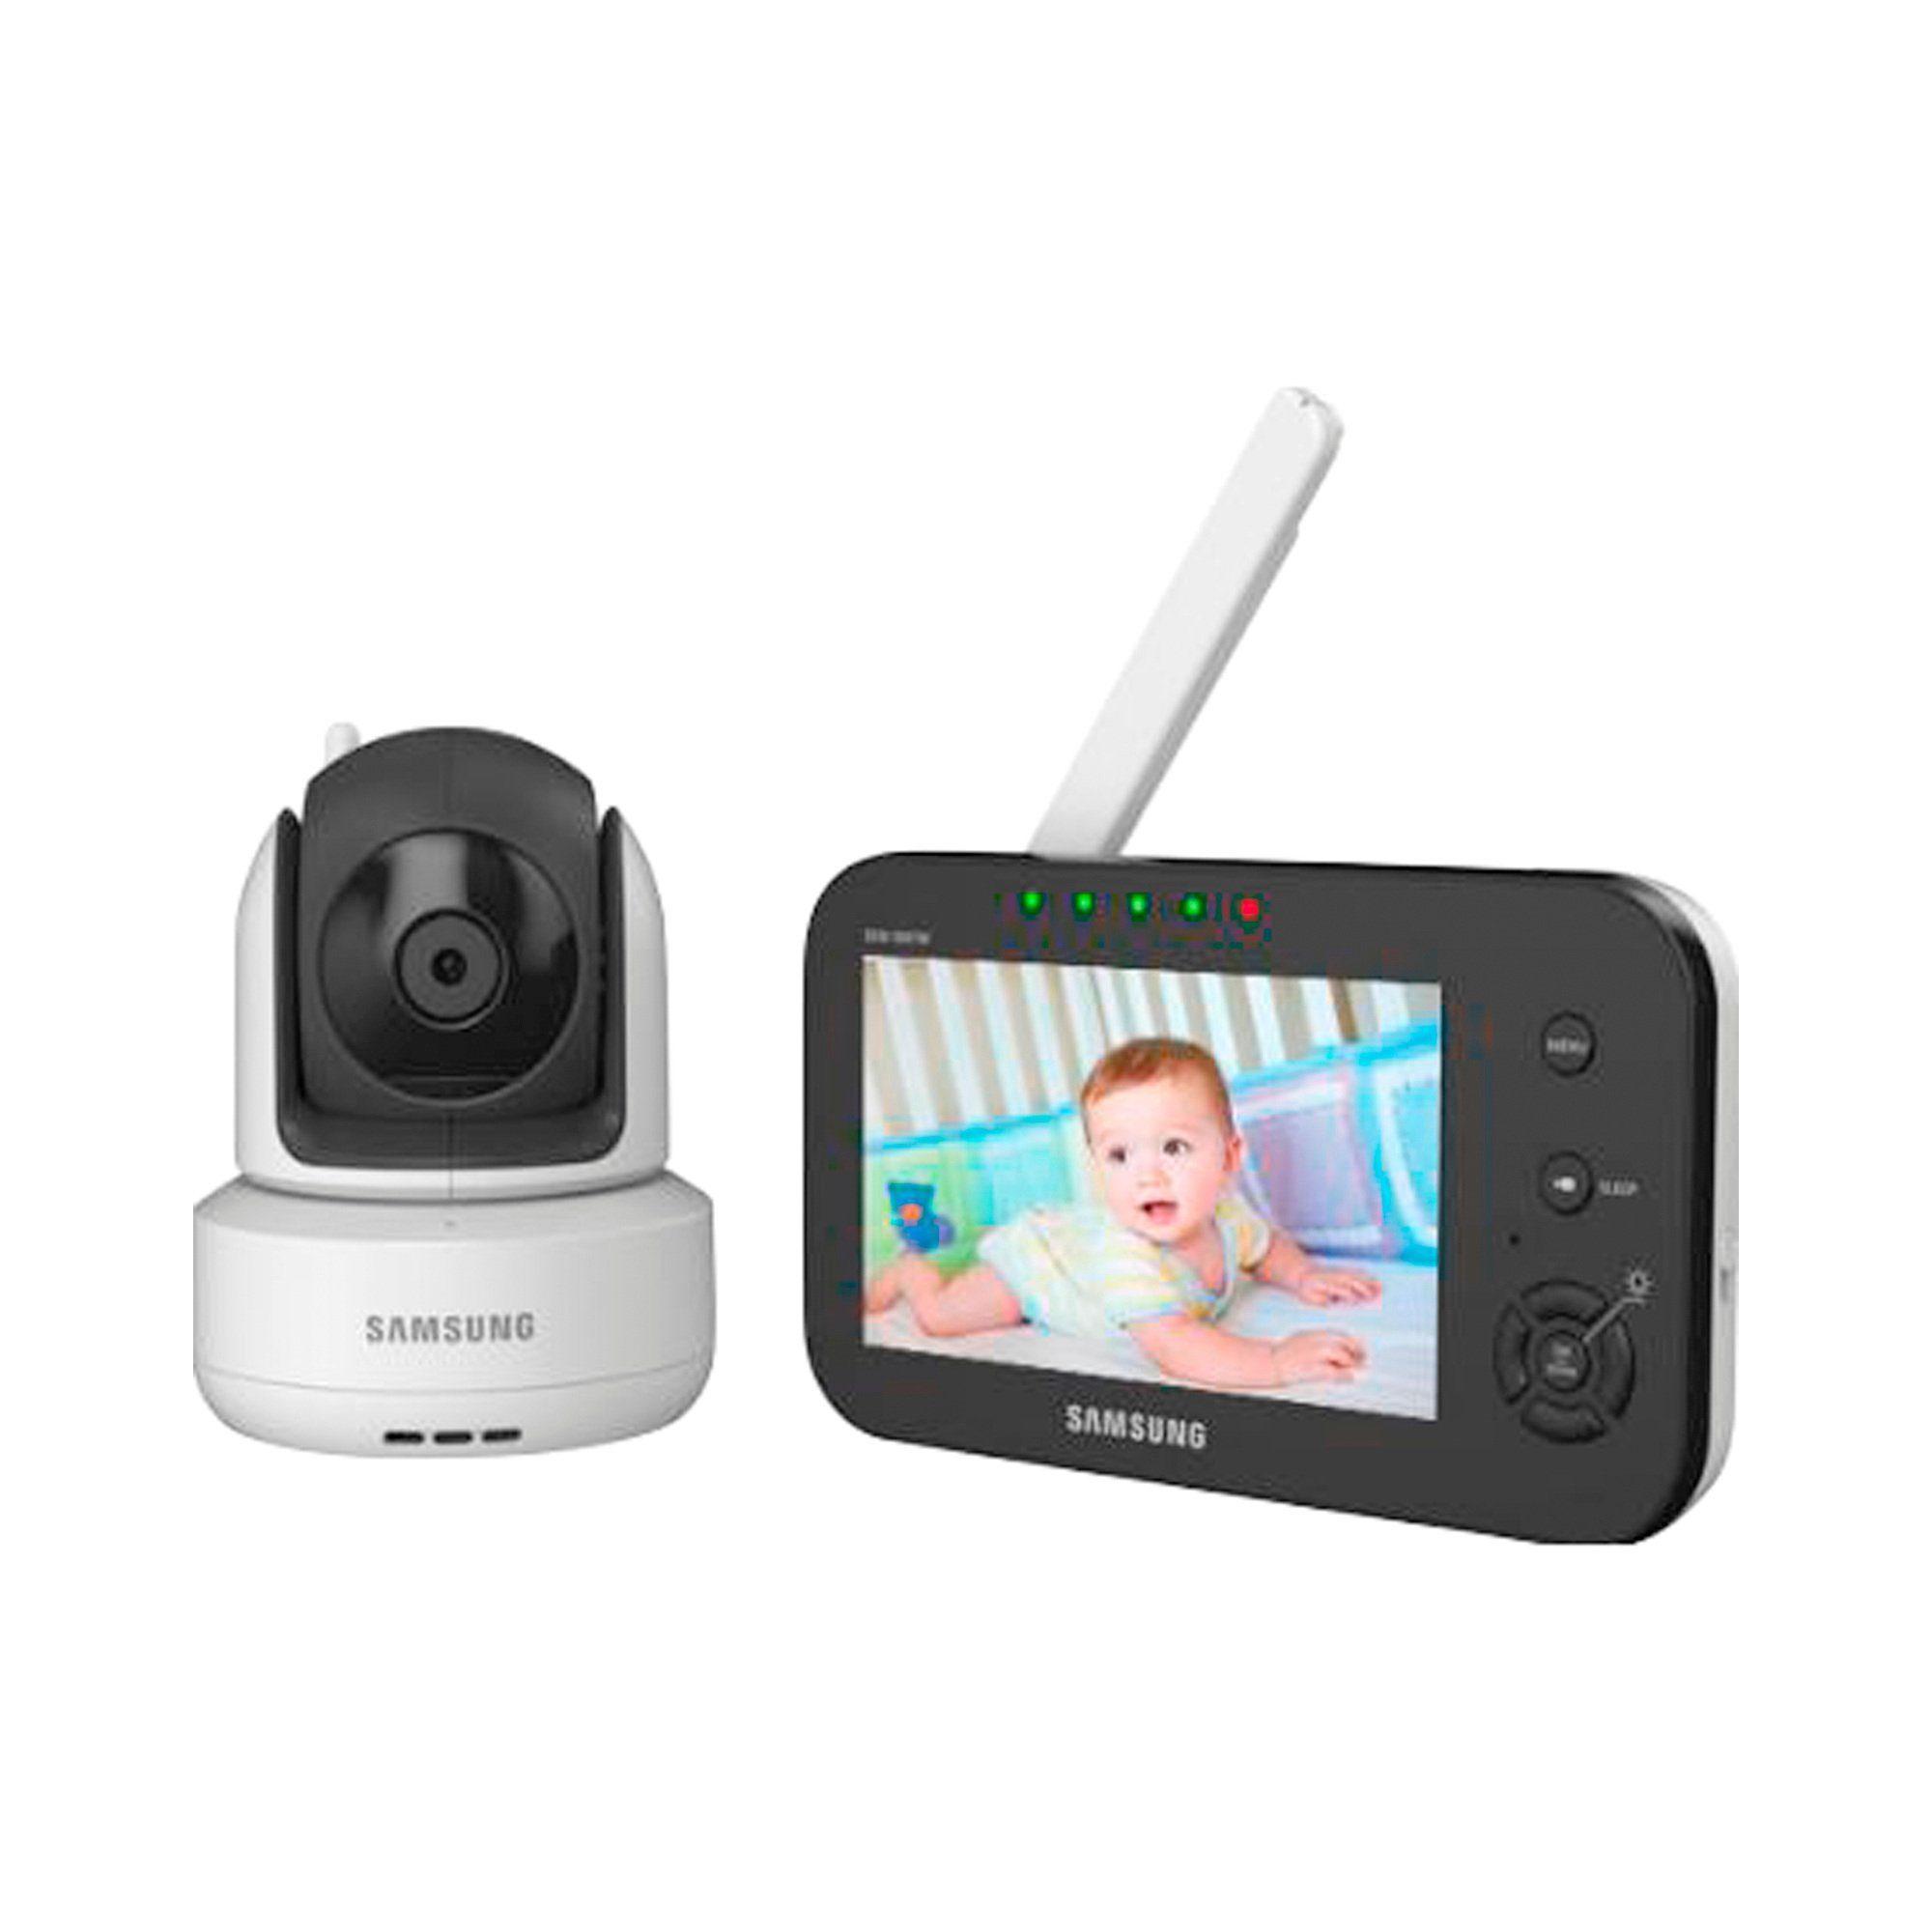 Samsung Babyphone mit Kamera + Schwenk- und Nachtsicht SEW-3041W, 300 m